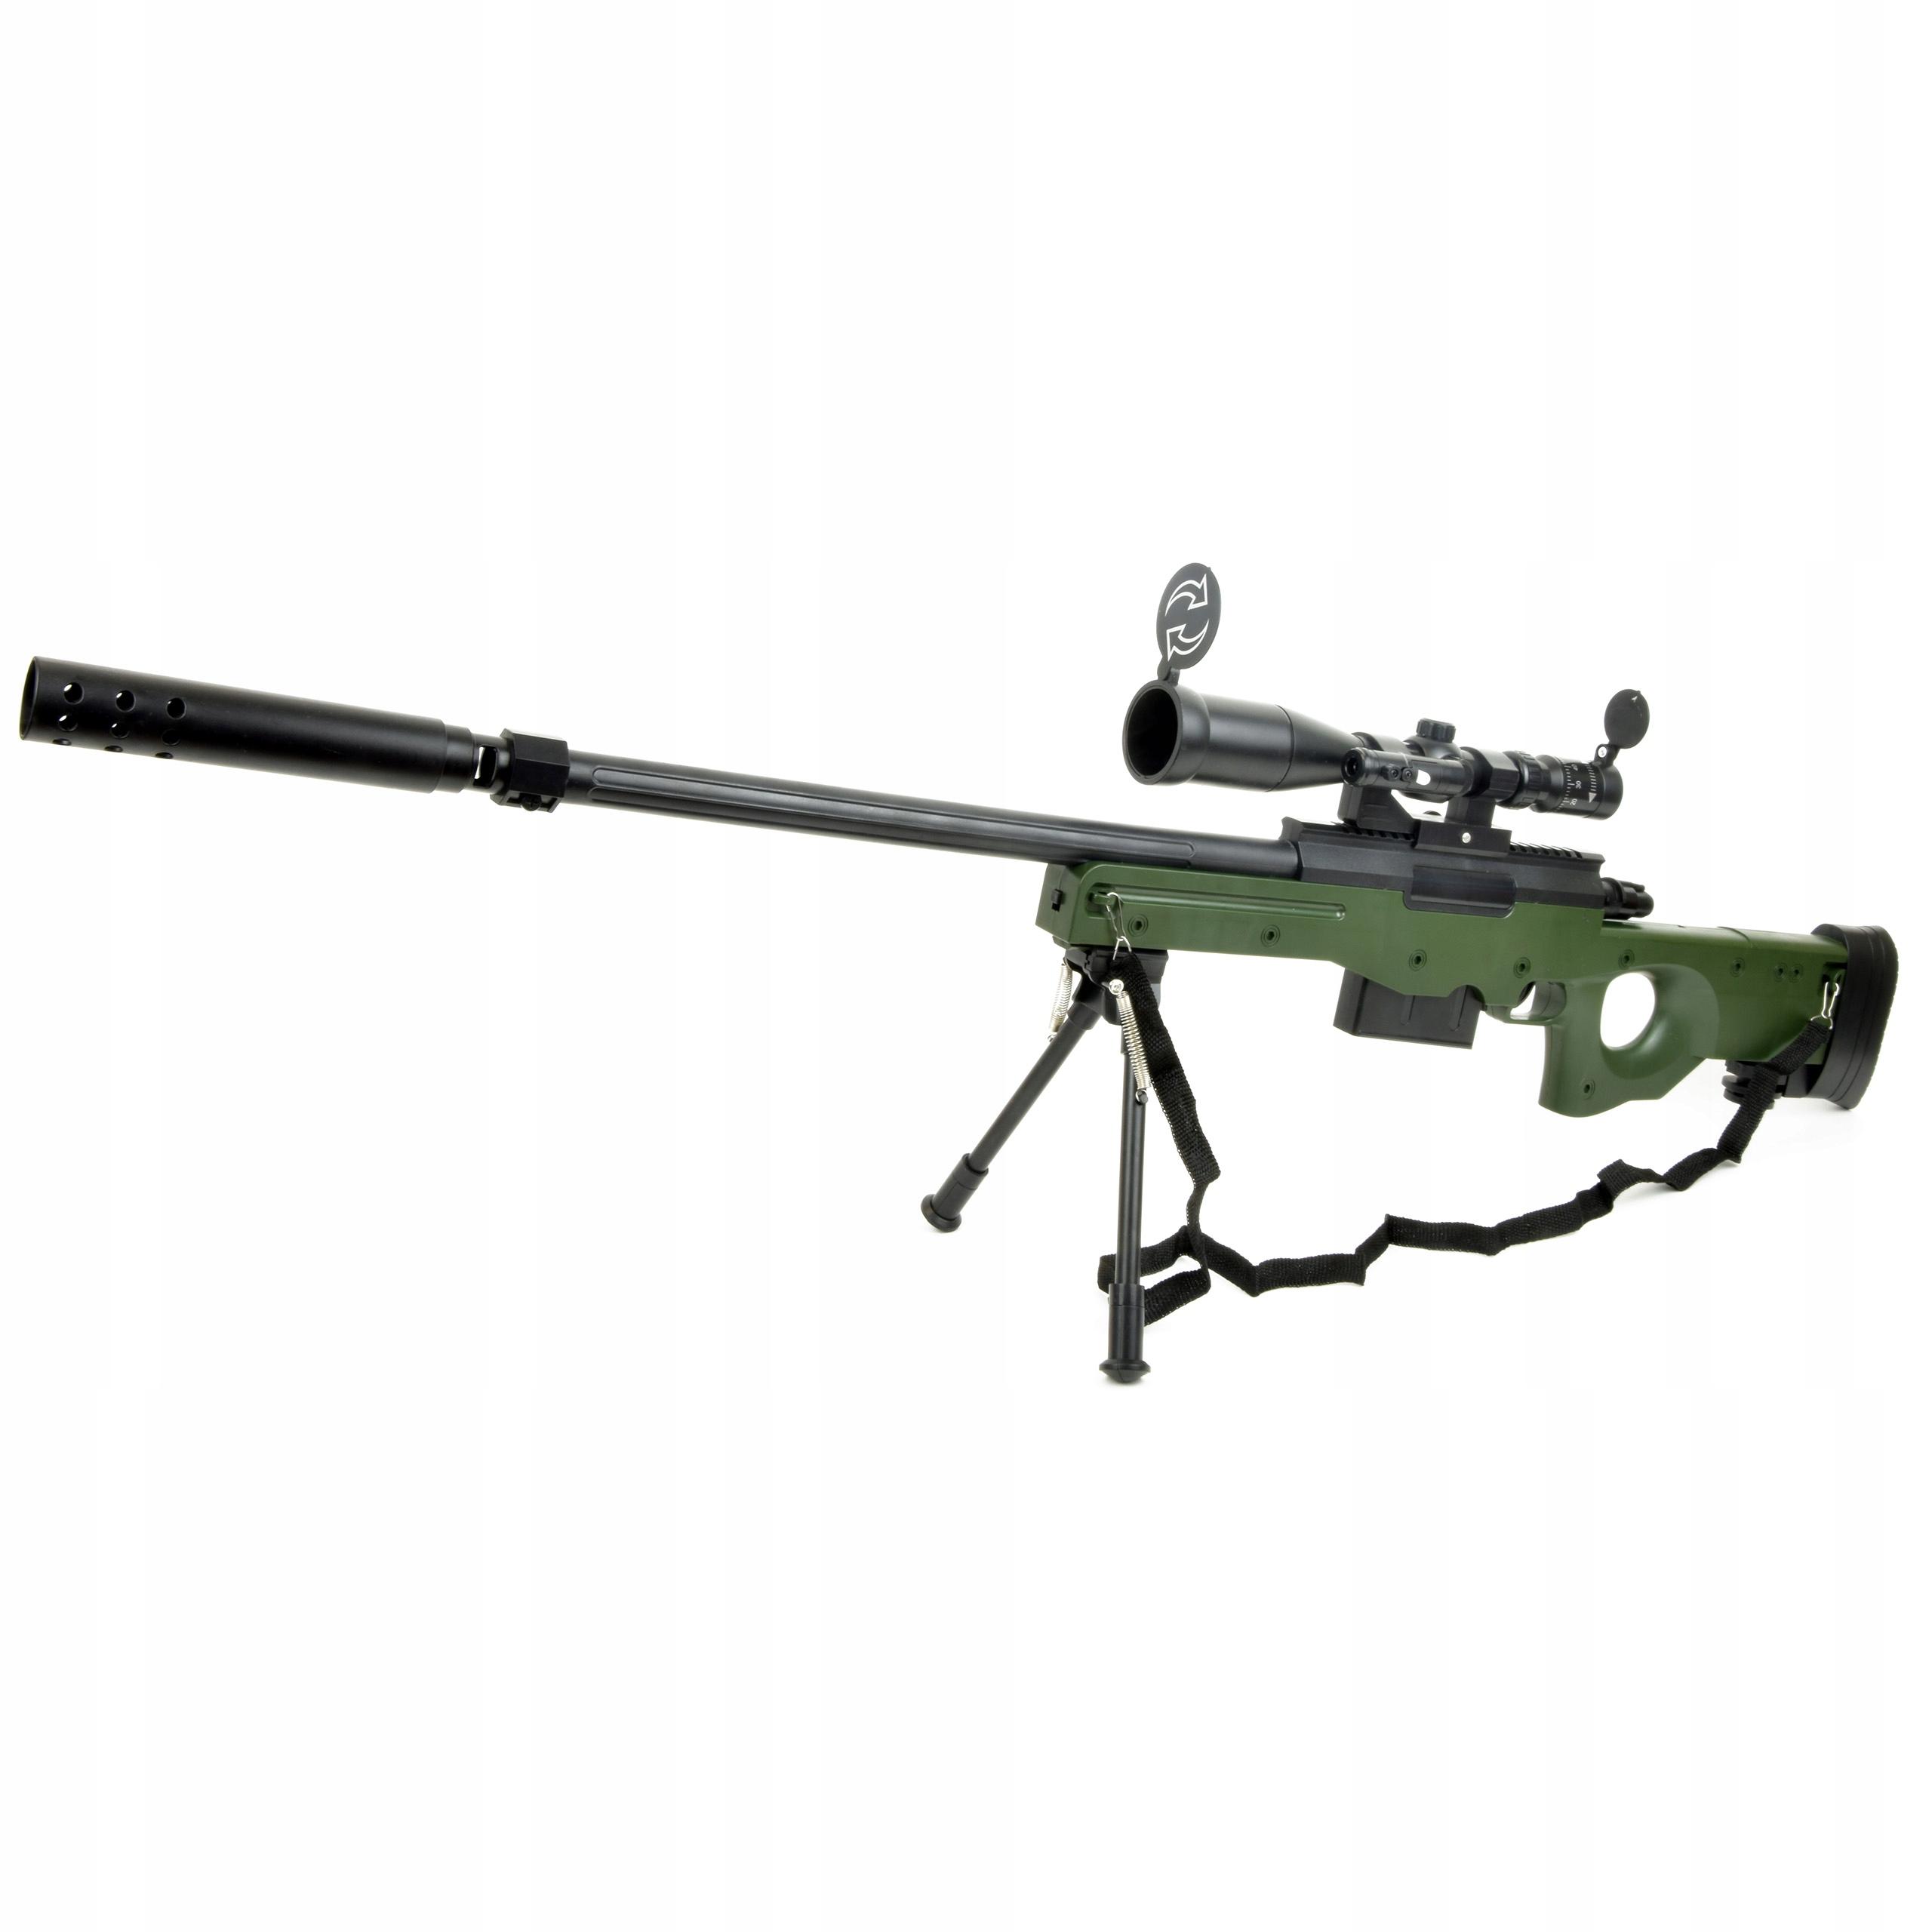 винтовка снайперская винтовка снайперская винтовка 108см шары